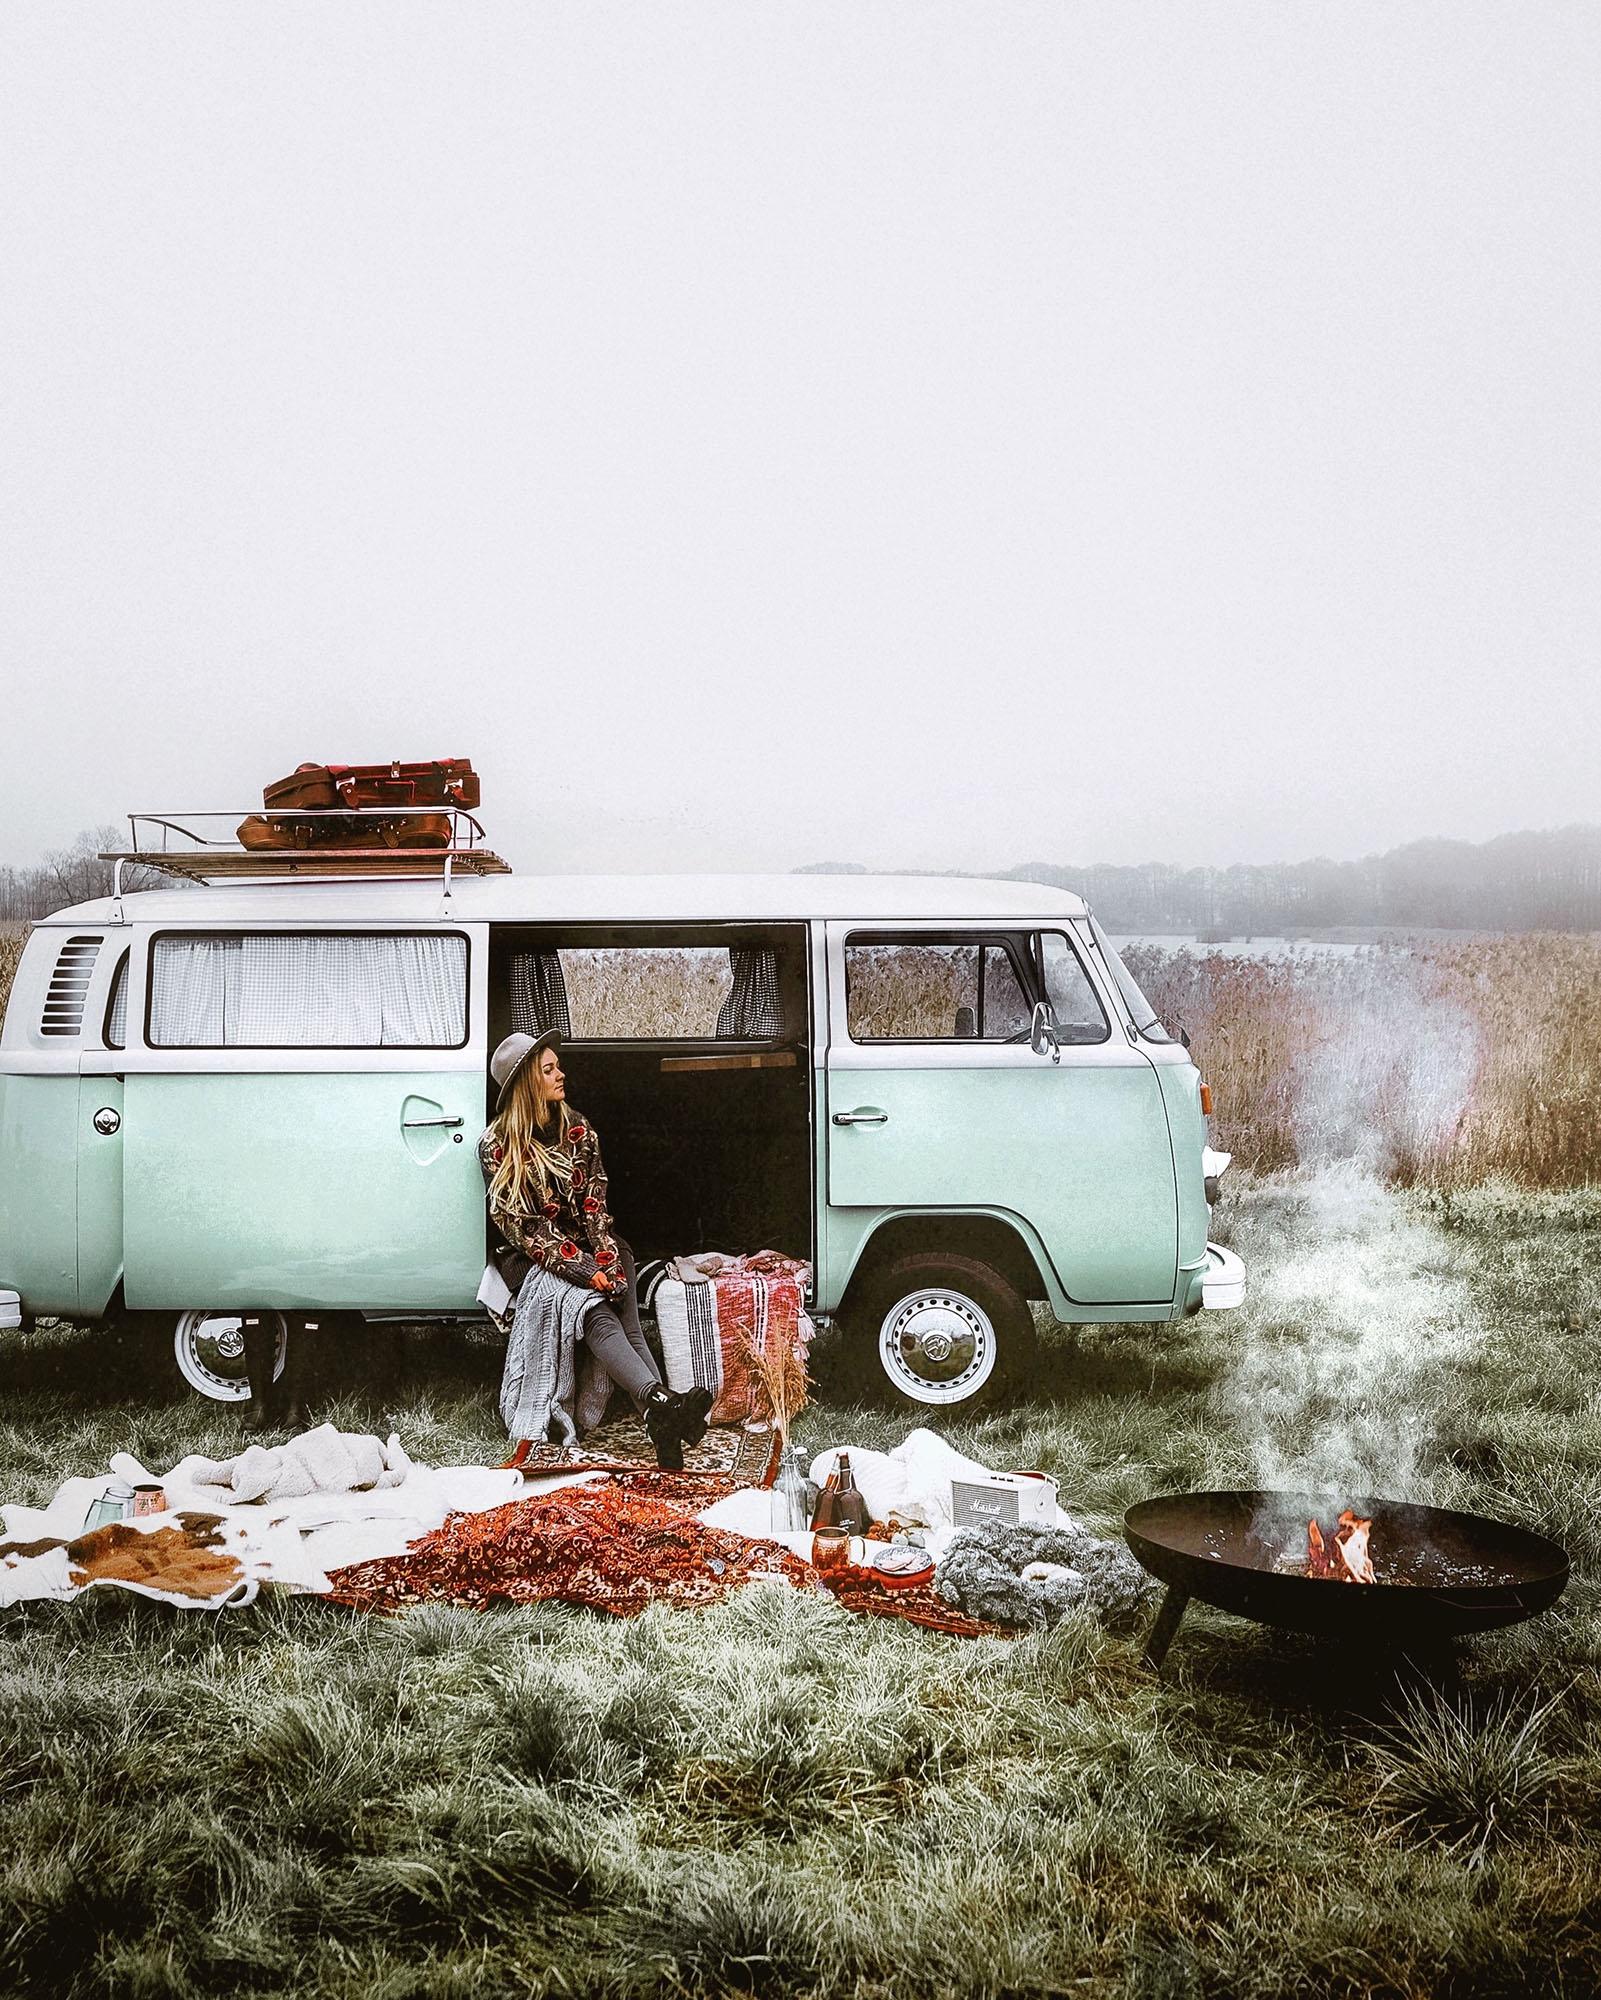 zimowy piknik z miętowym camperem i ogniskiem